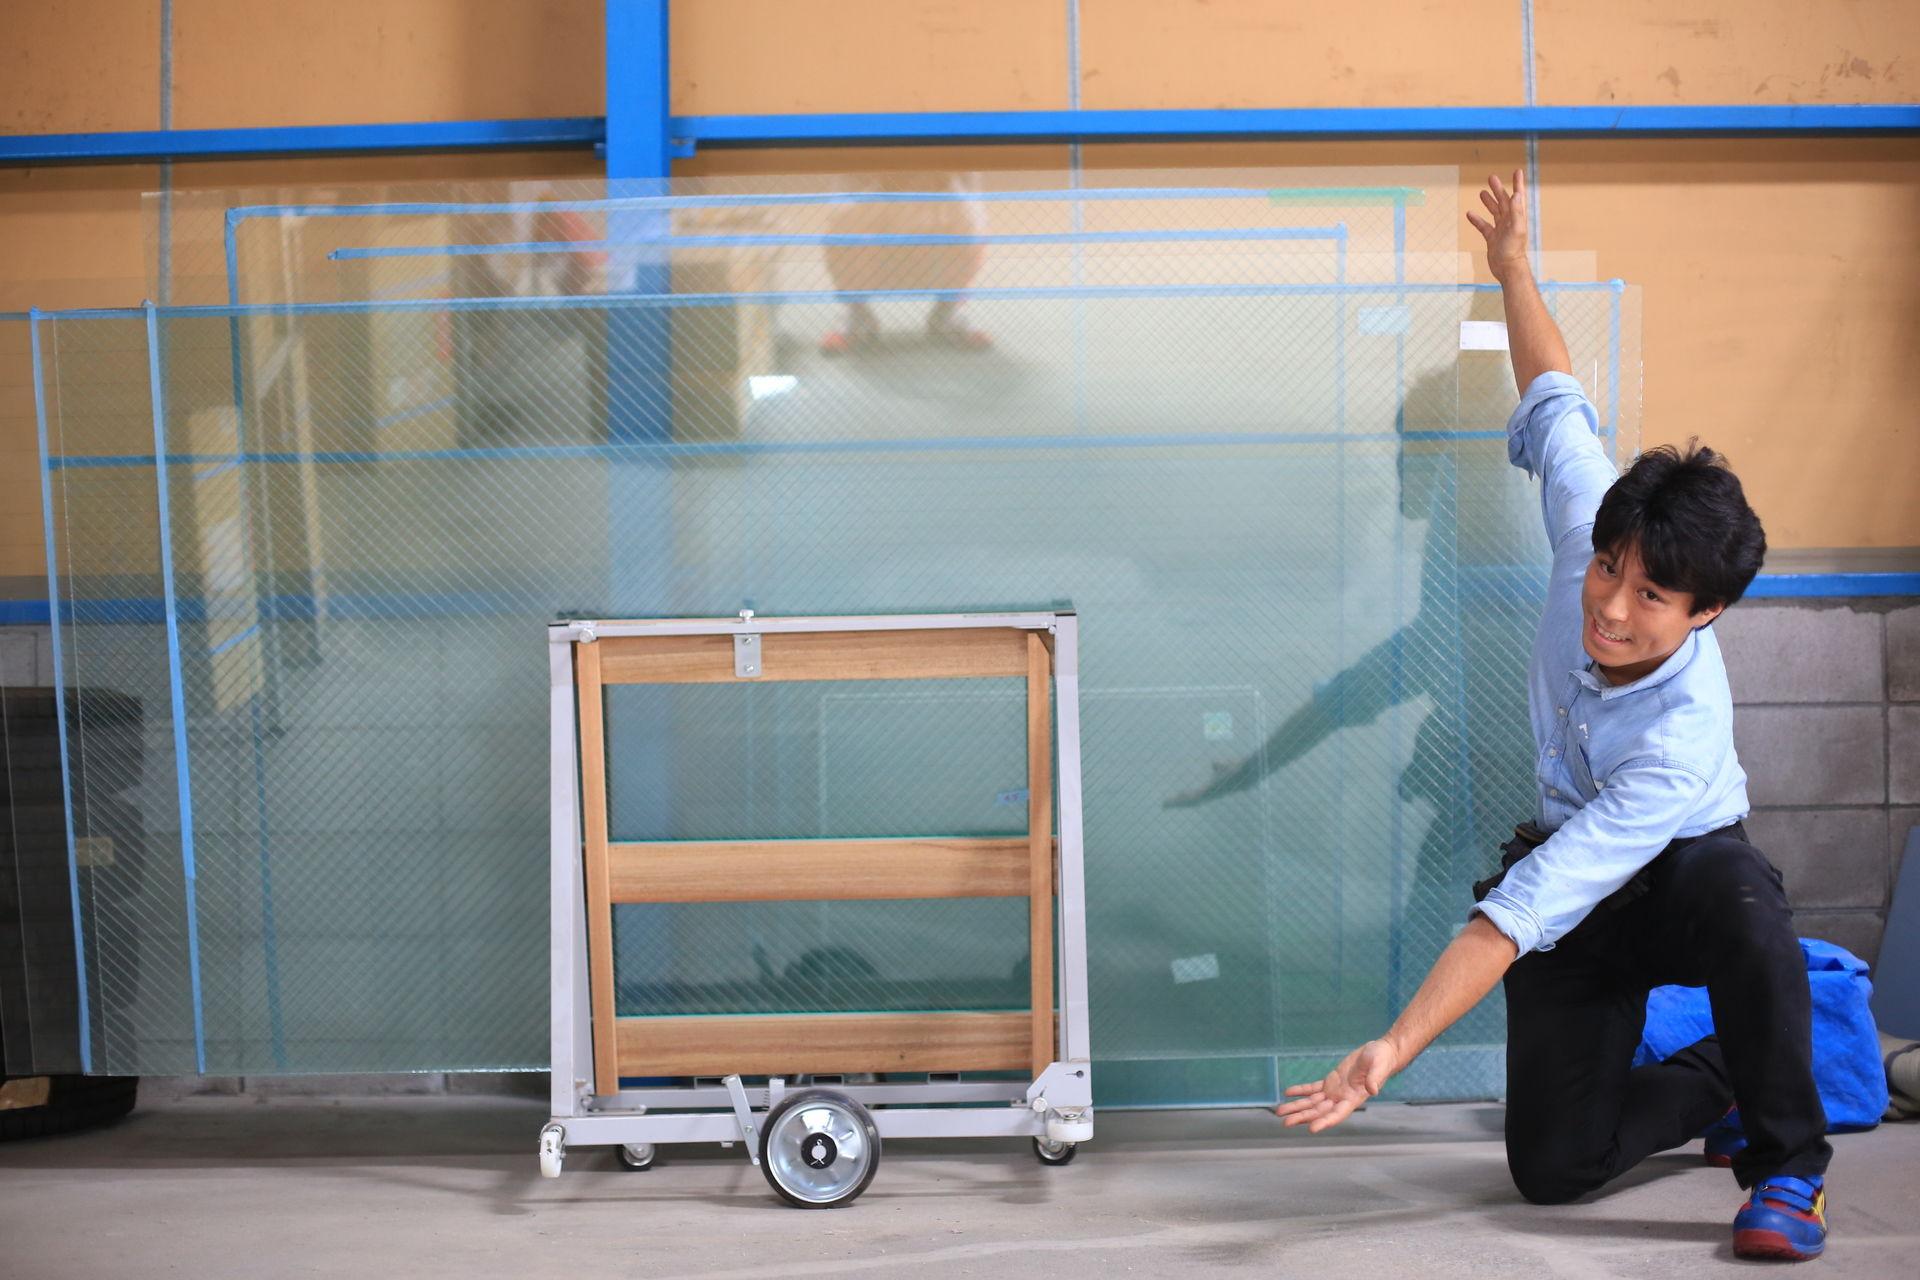 ガラスのトラブル救急車【横浜市青葉区 出張エリア】の店内・外観画像4